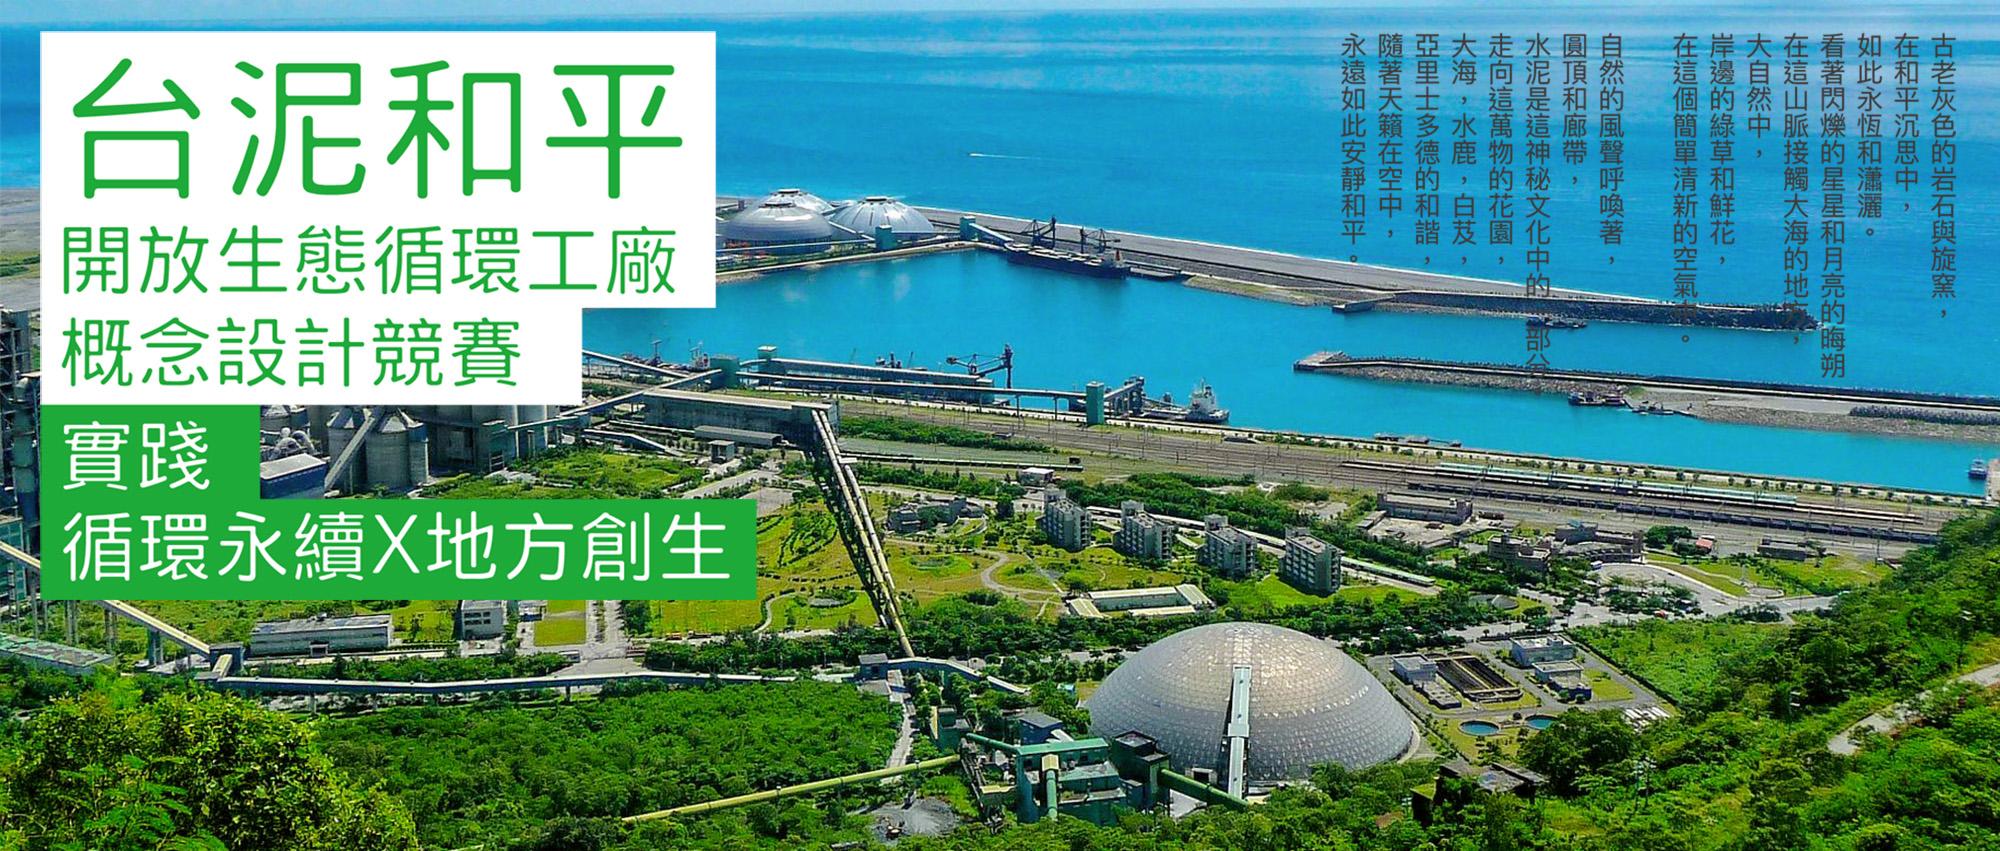 台湾水泥「和平开放生态循环工厂」概念设计竞赛